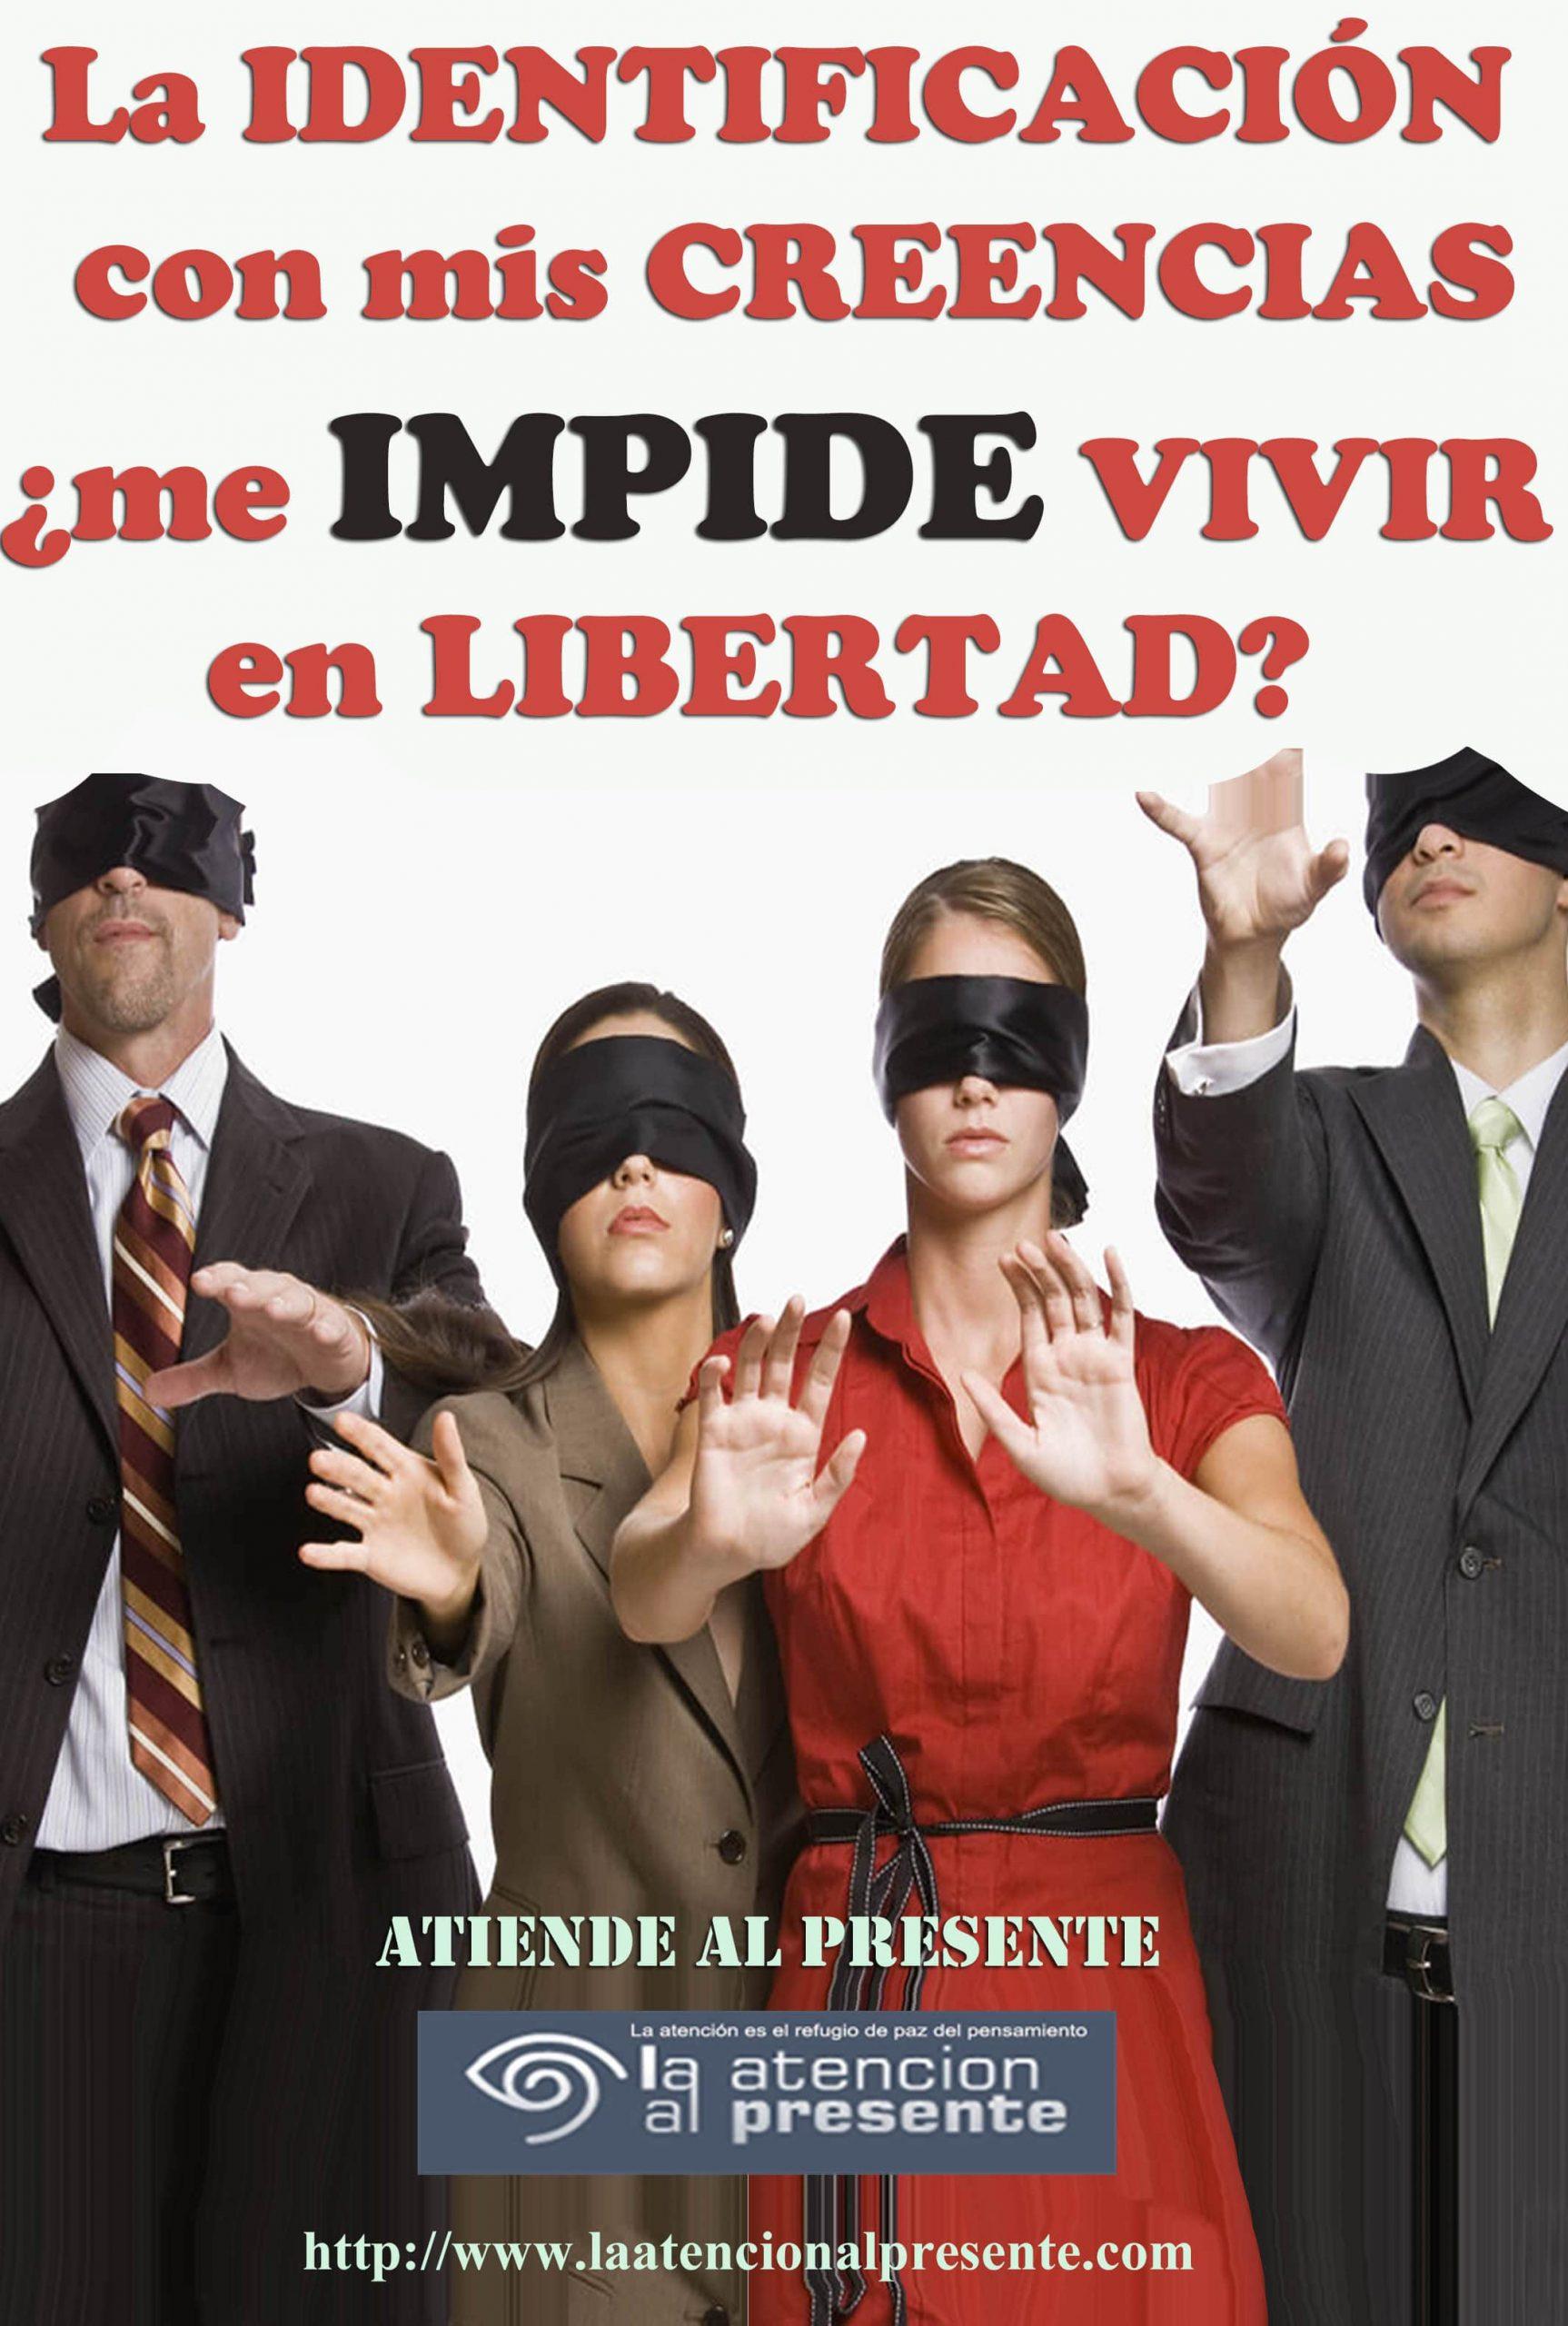 18 de agosto Esteban La IDENTIFICACION con mis CREENCIAS me IMPIDE VIVIR en LIBERTAD min scaled